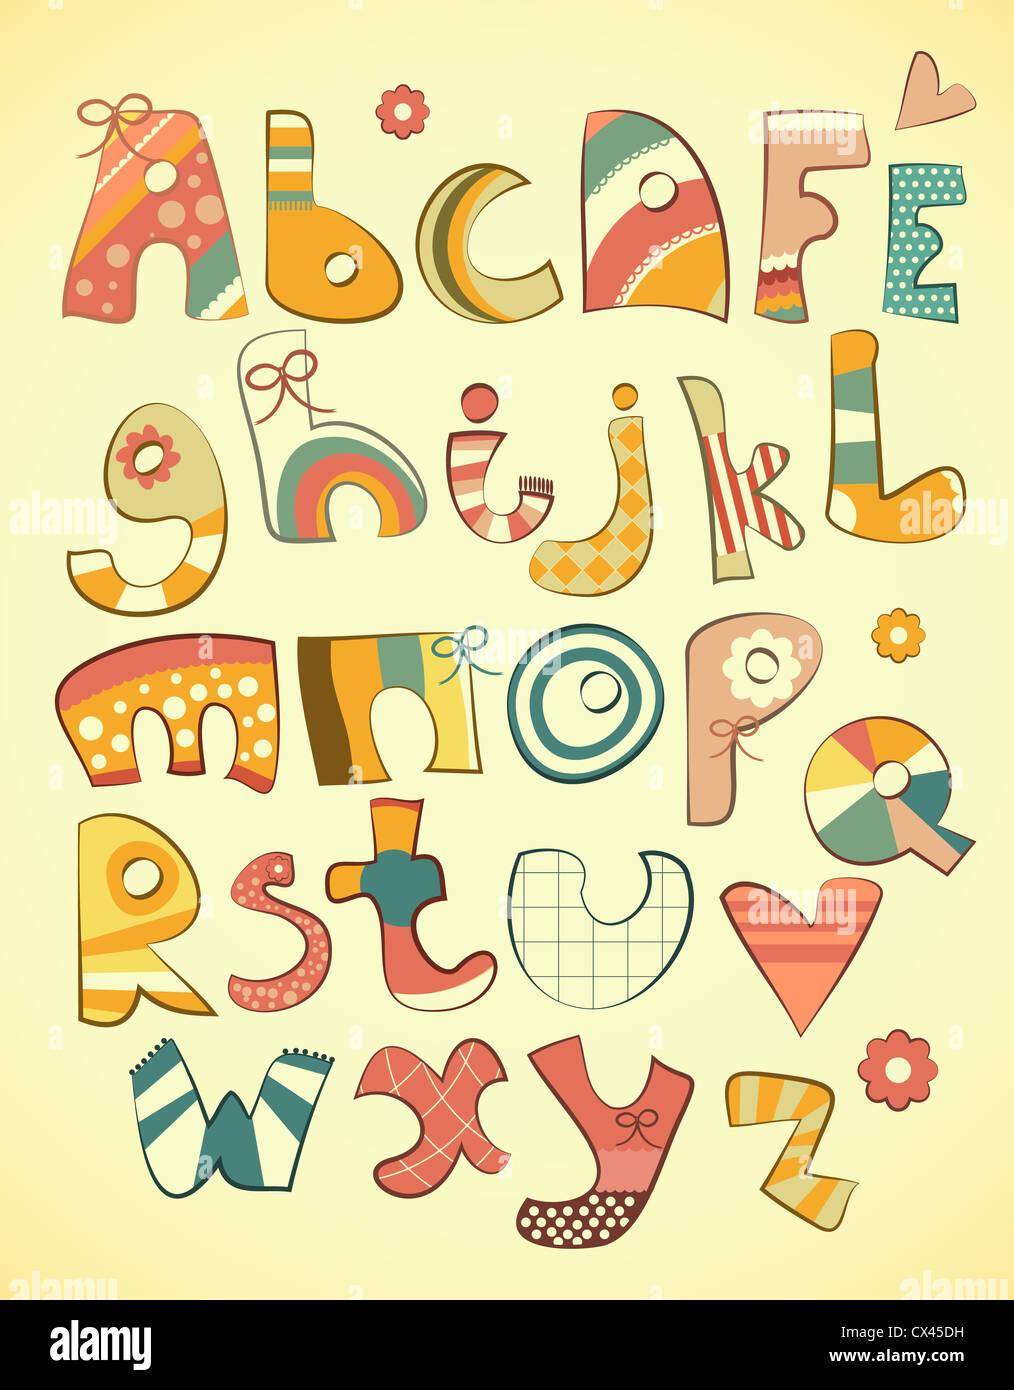 Alfabeto design in divertimento stile doodle lettere A-Z - illustrazione Immagini Stock